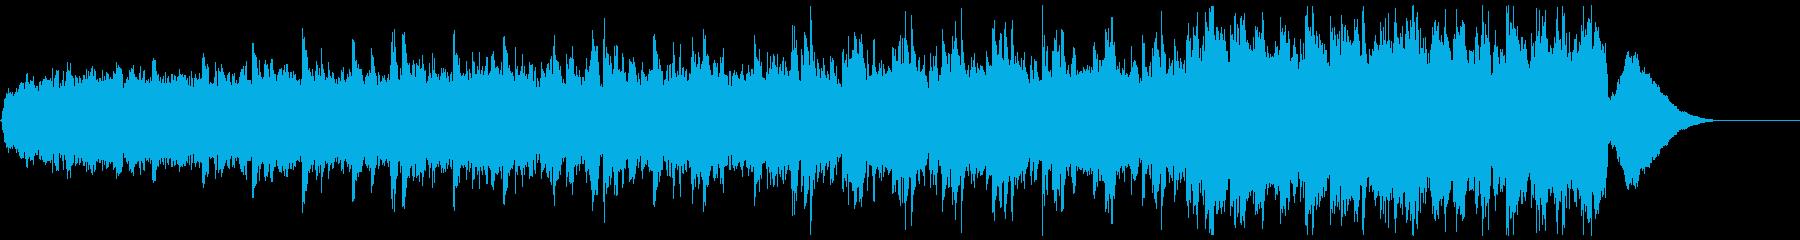 背景音 サスペンス 5 の再生済みの波形